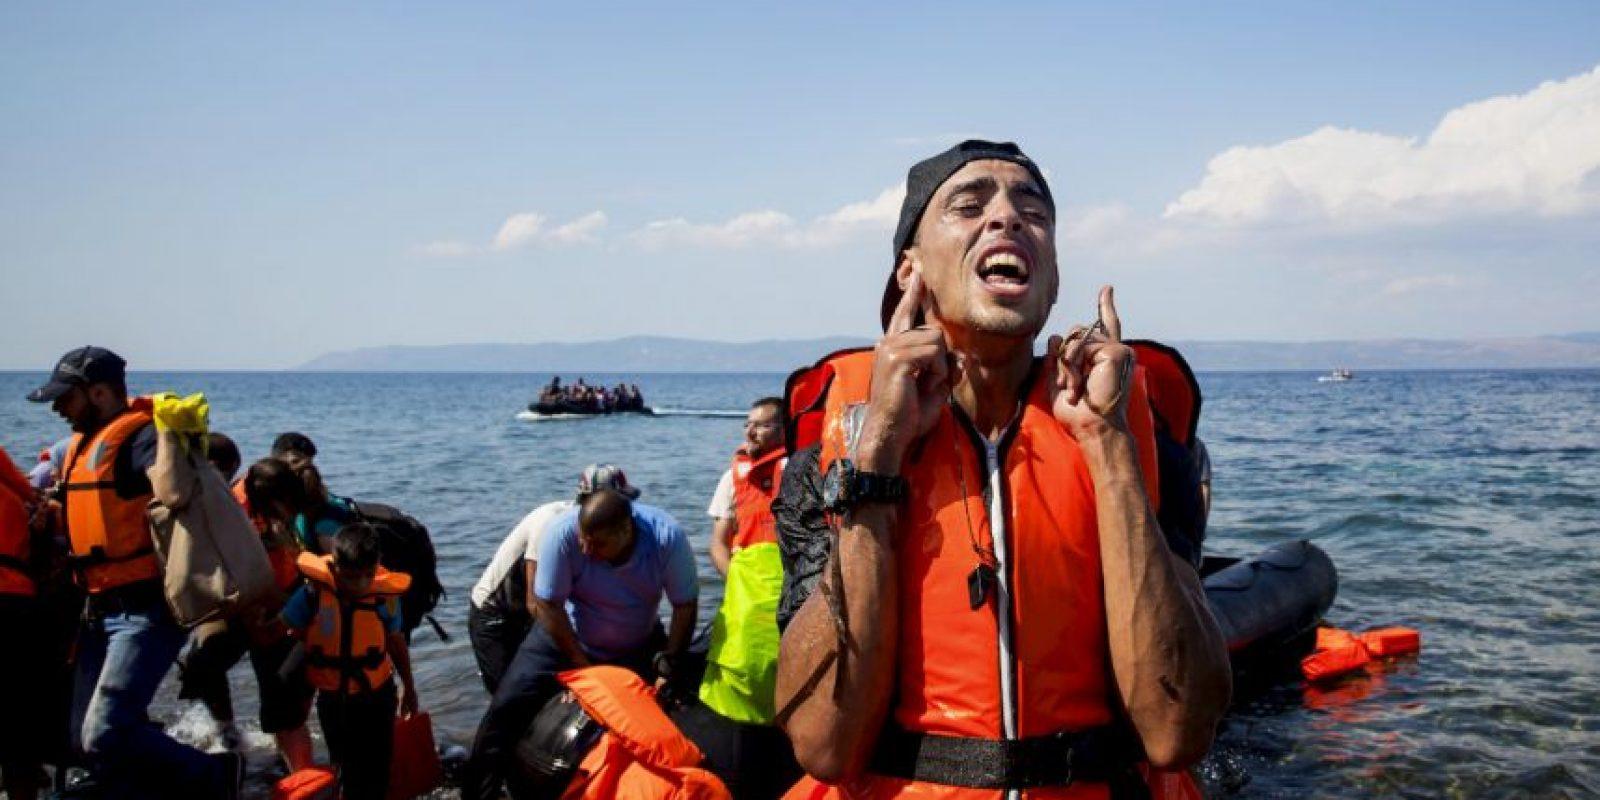 El gobierno griego piensa apoyar a los refugiados. Foto:Getty Images